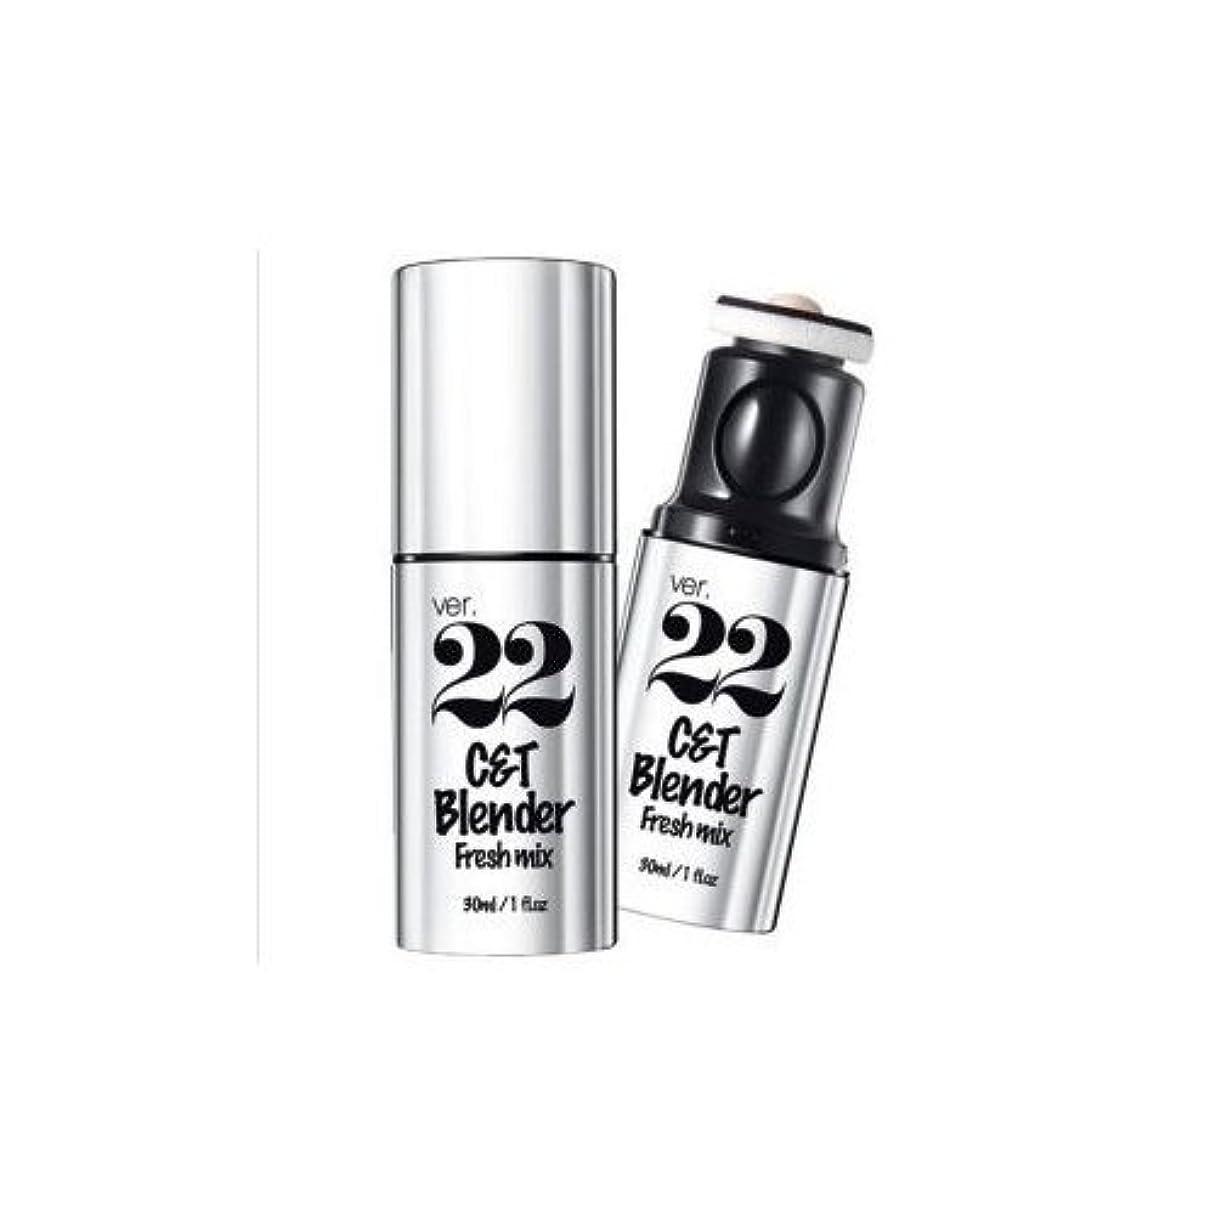 バイアスローマ人敬なchosungah22 C&T Blender Fresh Mix 30ml, Capsule Foundation, #01, Korean Cosmetics